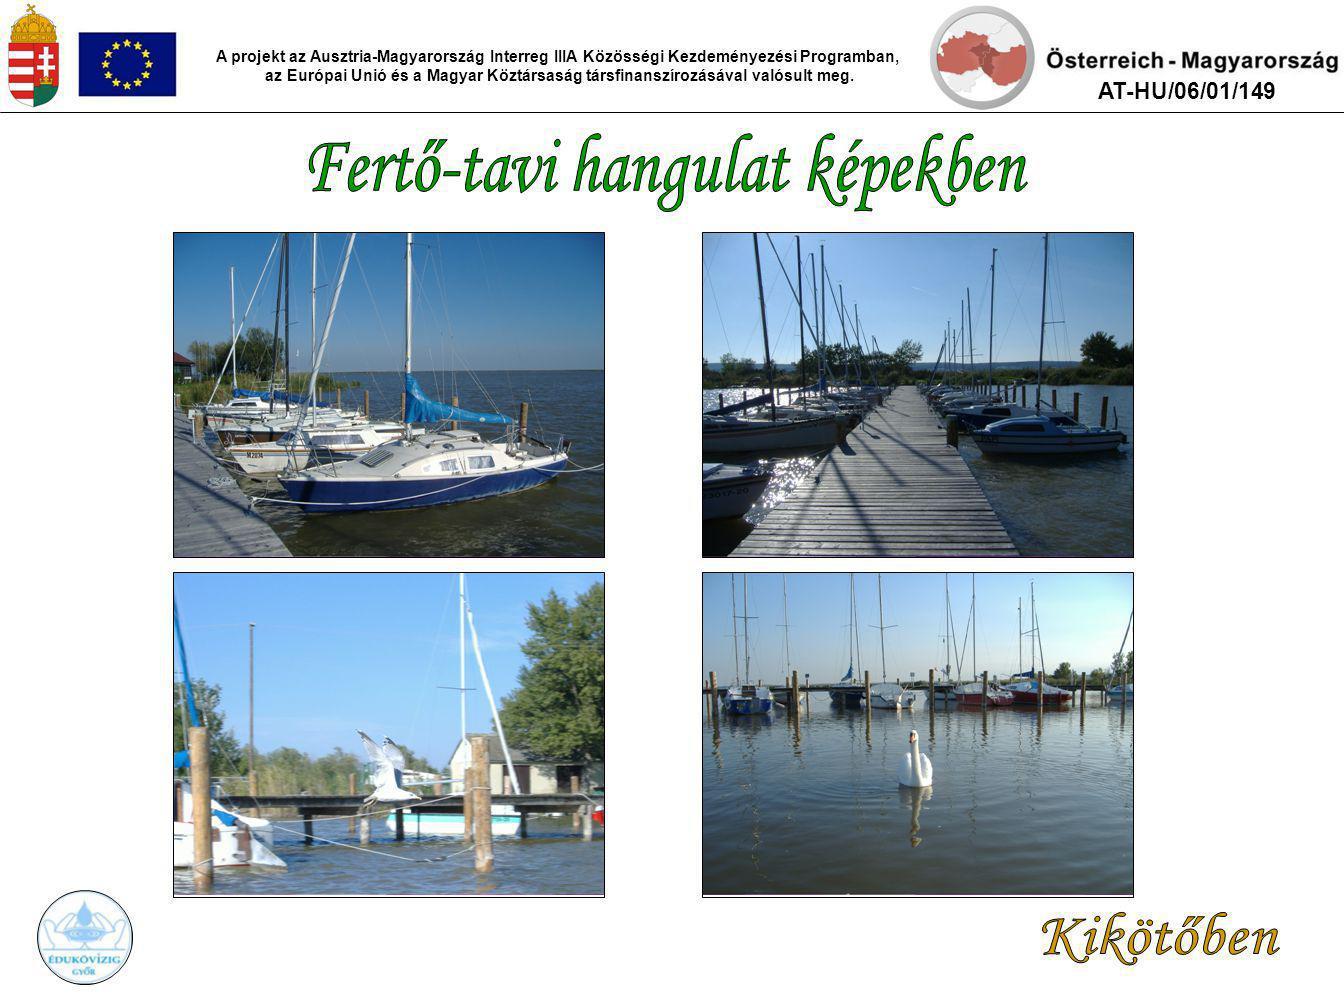 A Fertő-tó nádas területeinek üzemelési terve A projekt az Ausztria-Magyarország Interreg IIIA Közösségi Kezdeményezési Programban, az Európai Unió és a Magyar Köztársaság társfinanszírozásával valósult meg.